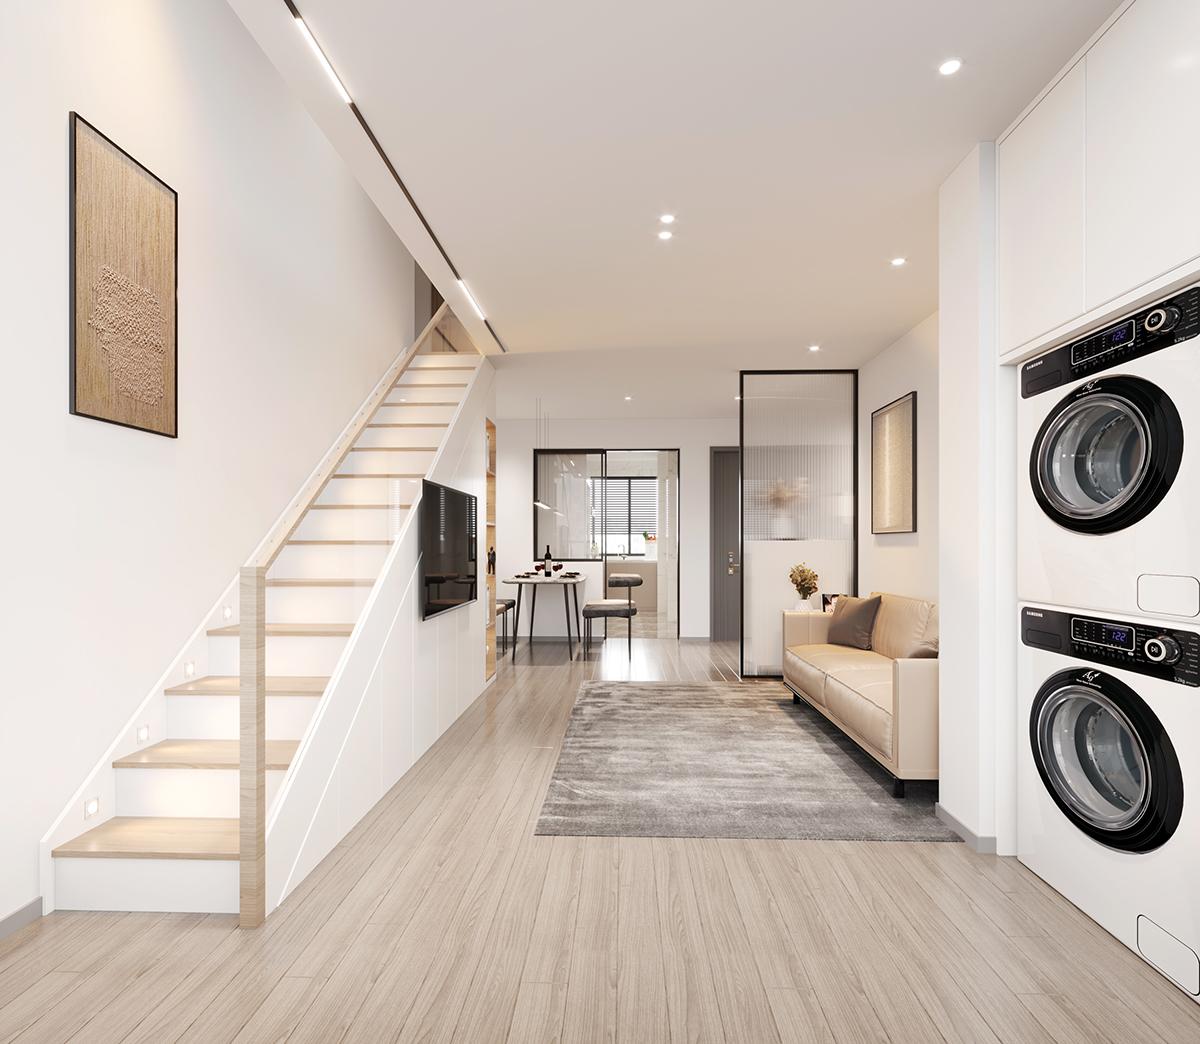 汪薇的家装效果图设计作品